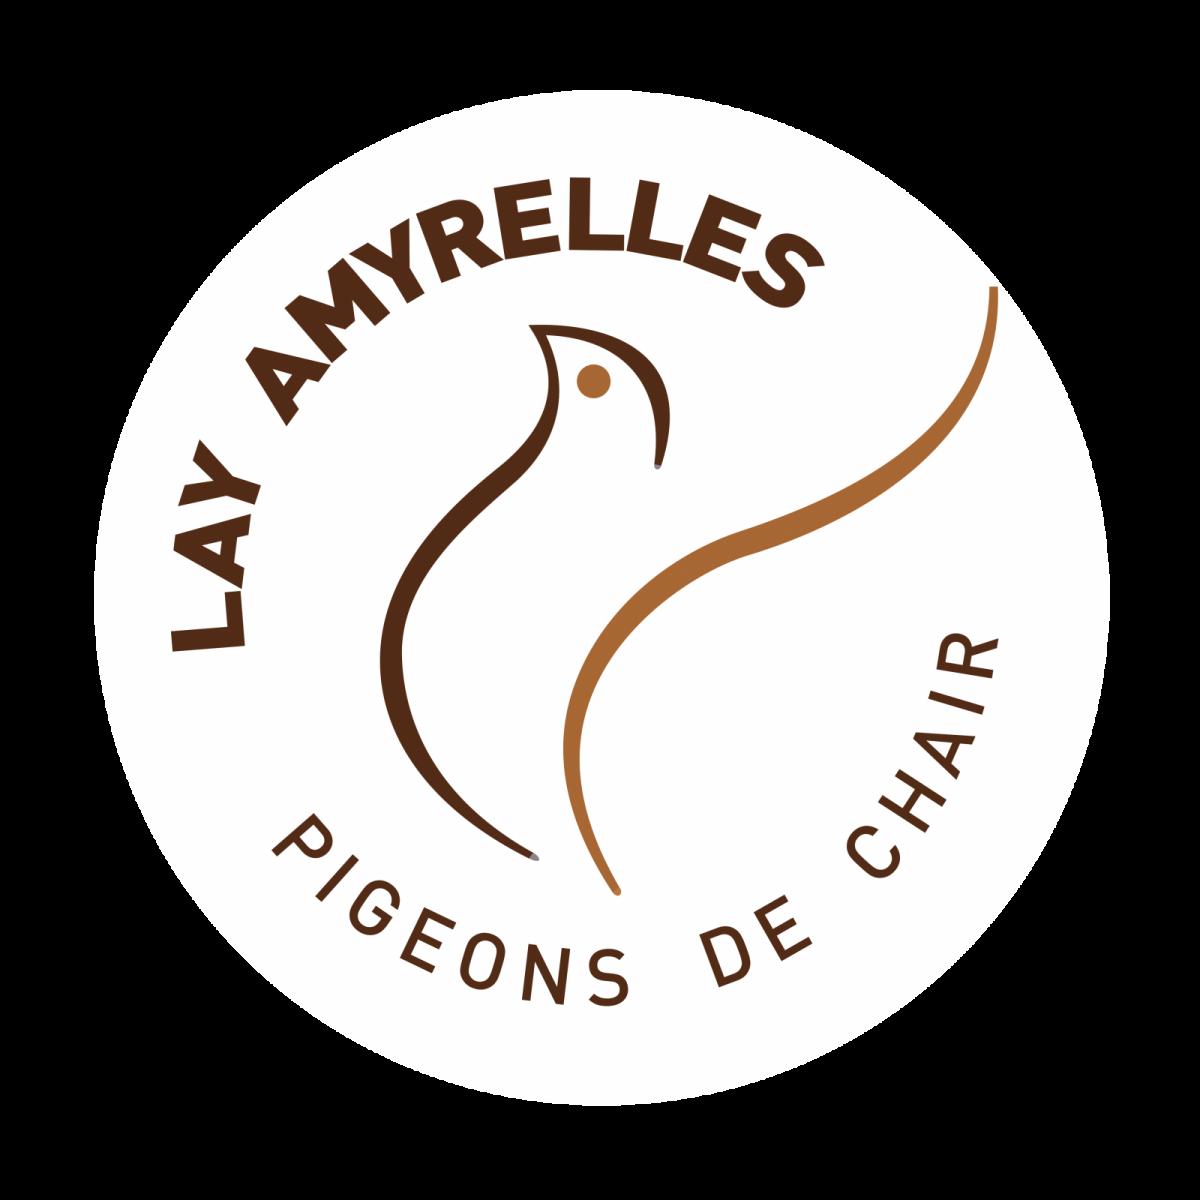 logo-LAY AMYRELLES